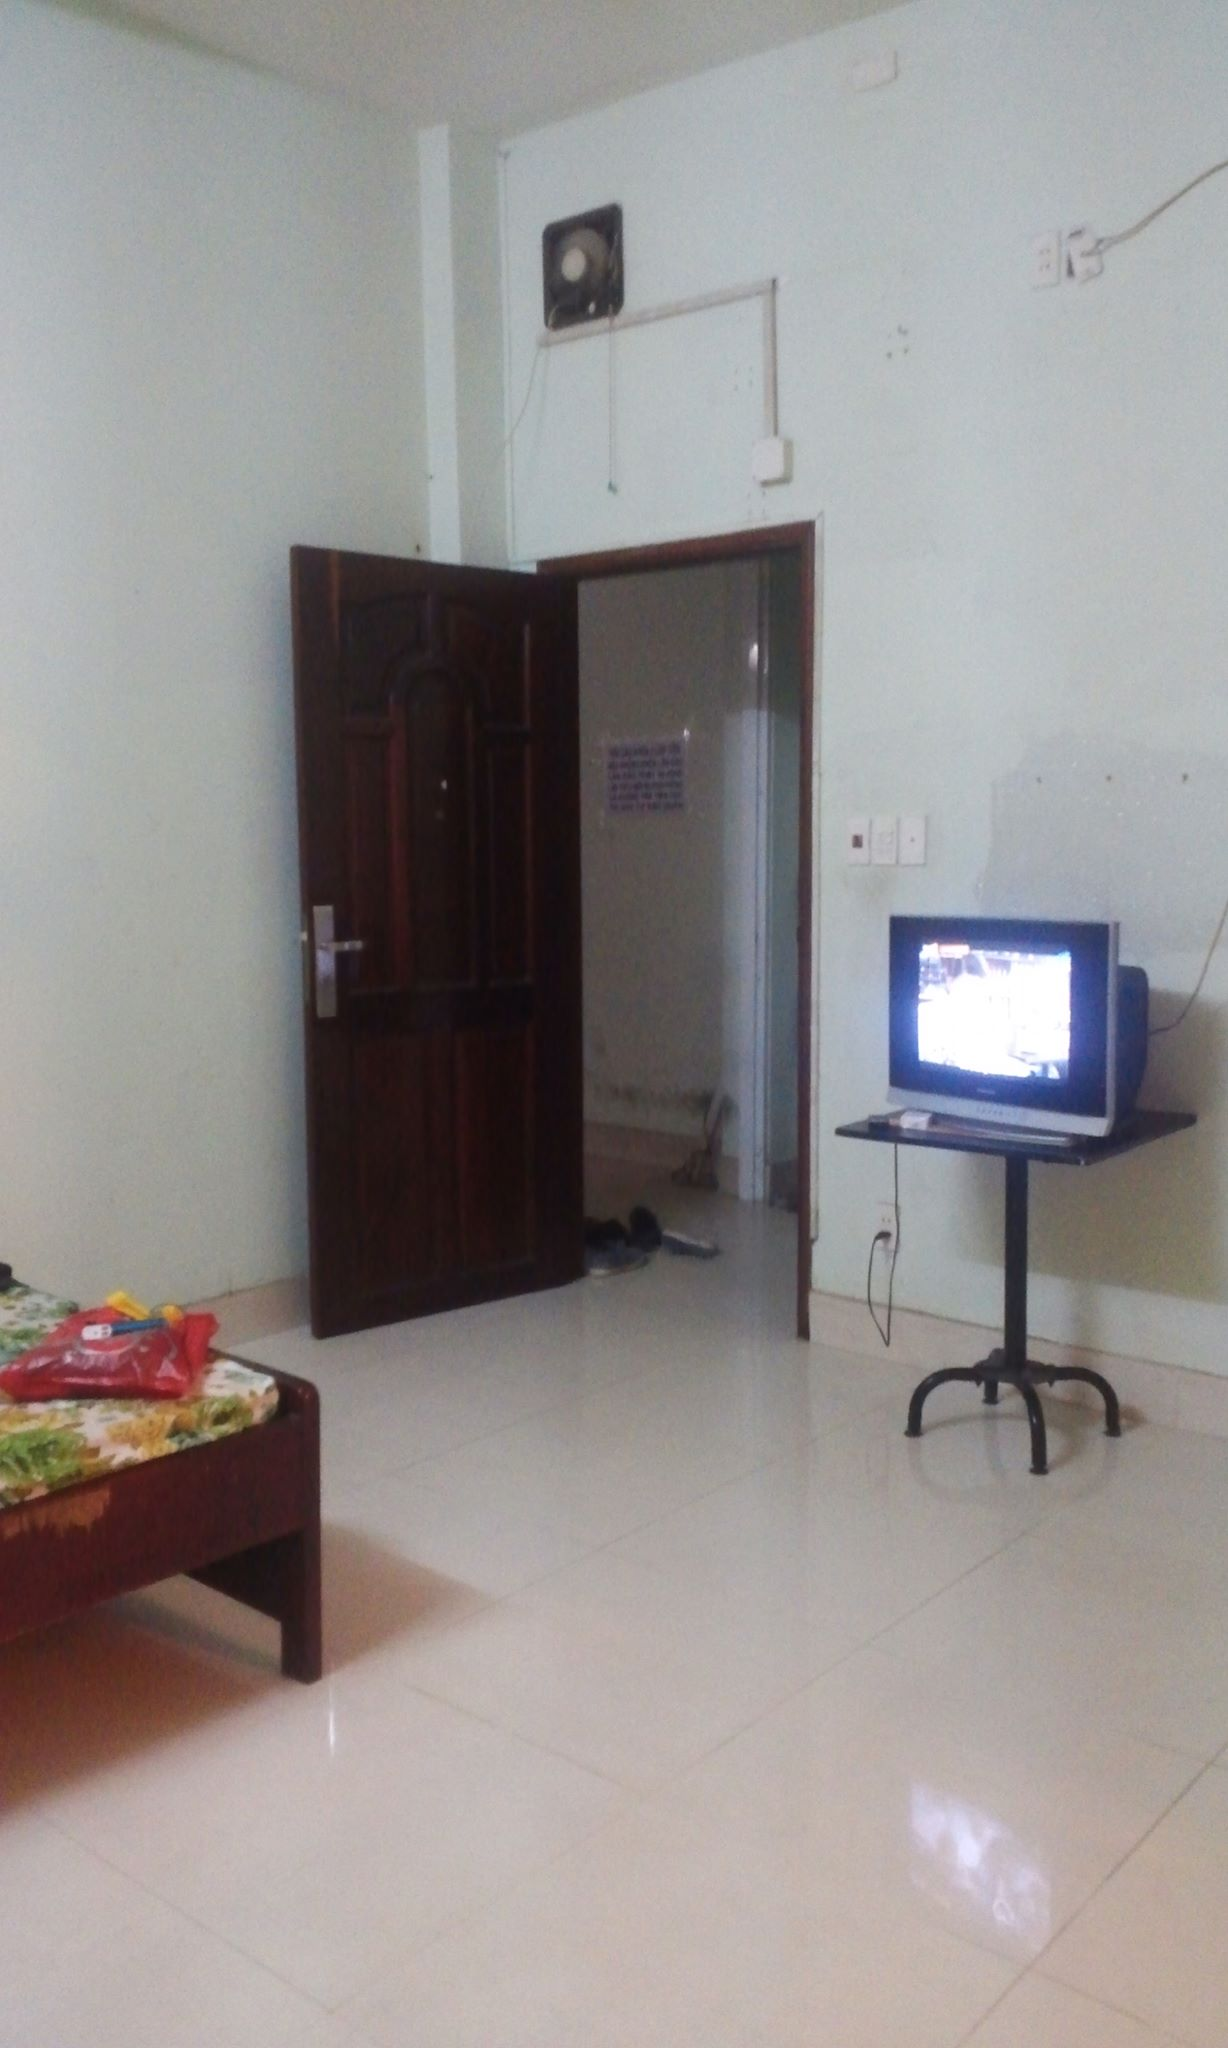 4 Phòng trọ giá rẻ quận Bình Tân, đầy đủ tiện nghi, giá 900K - 1,4 triệu/tháng